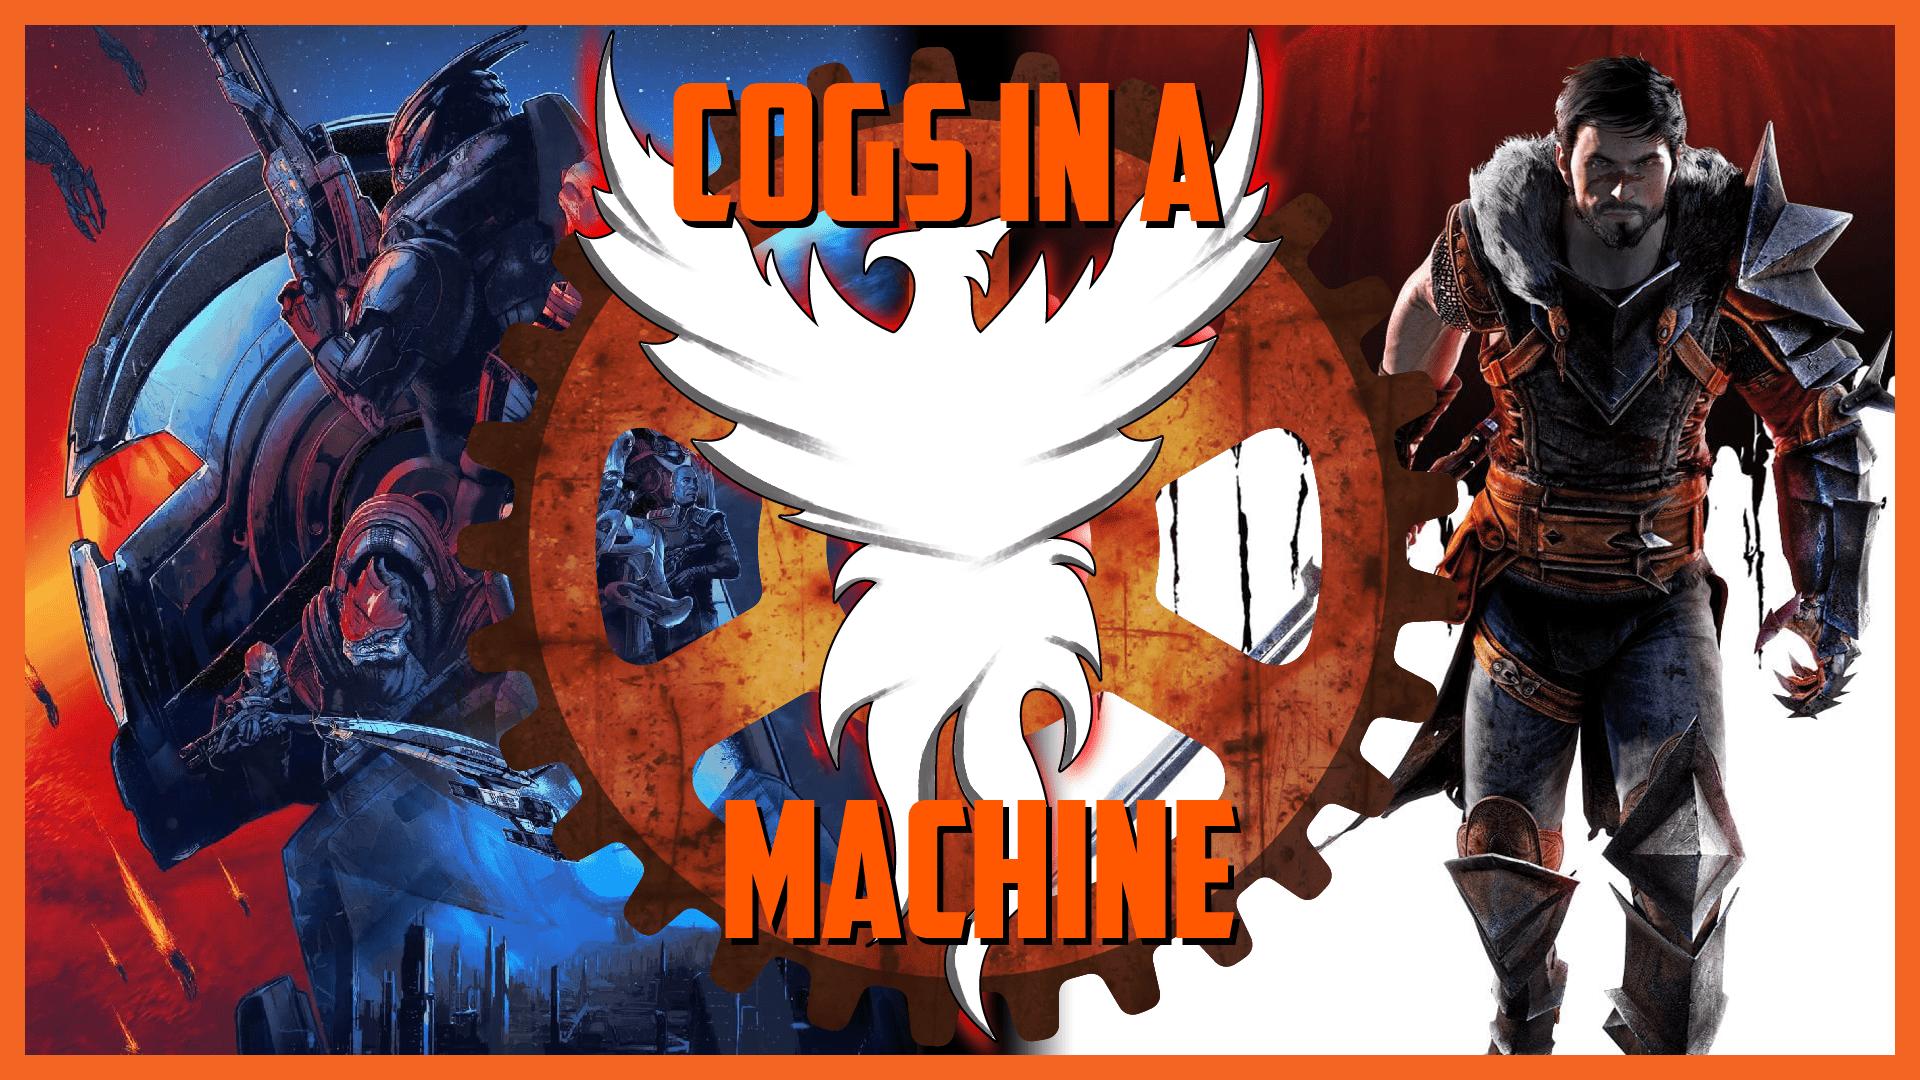 Cogs In A Machine 1